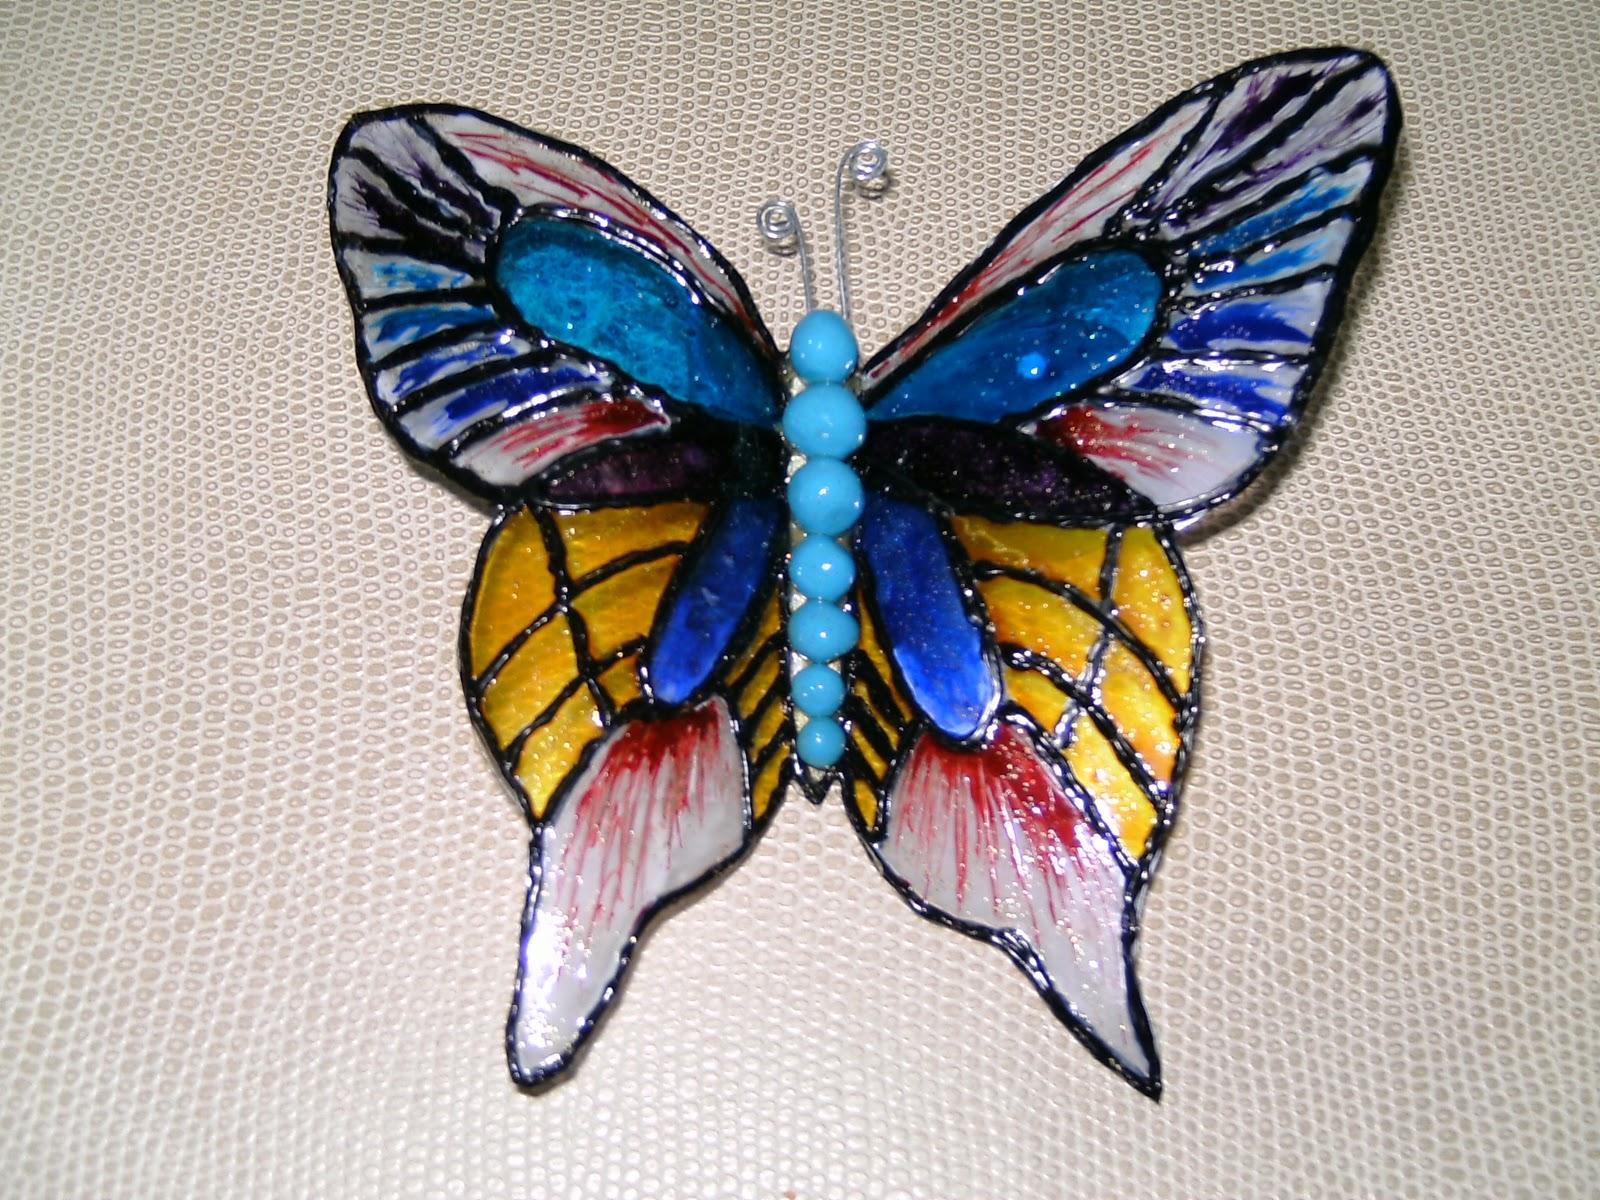 Leo-Vi-Se: Mariposa y libélulas, reciclaje de botella de plástico